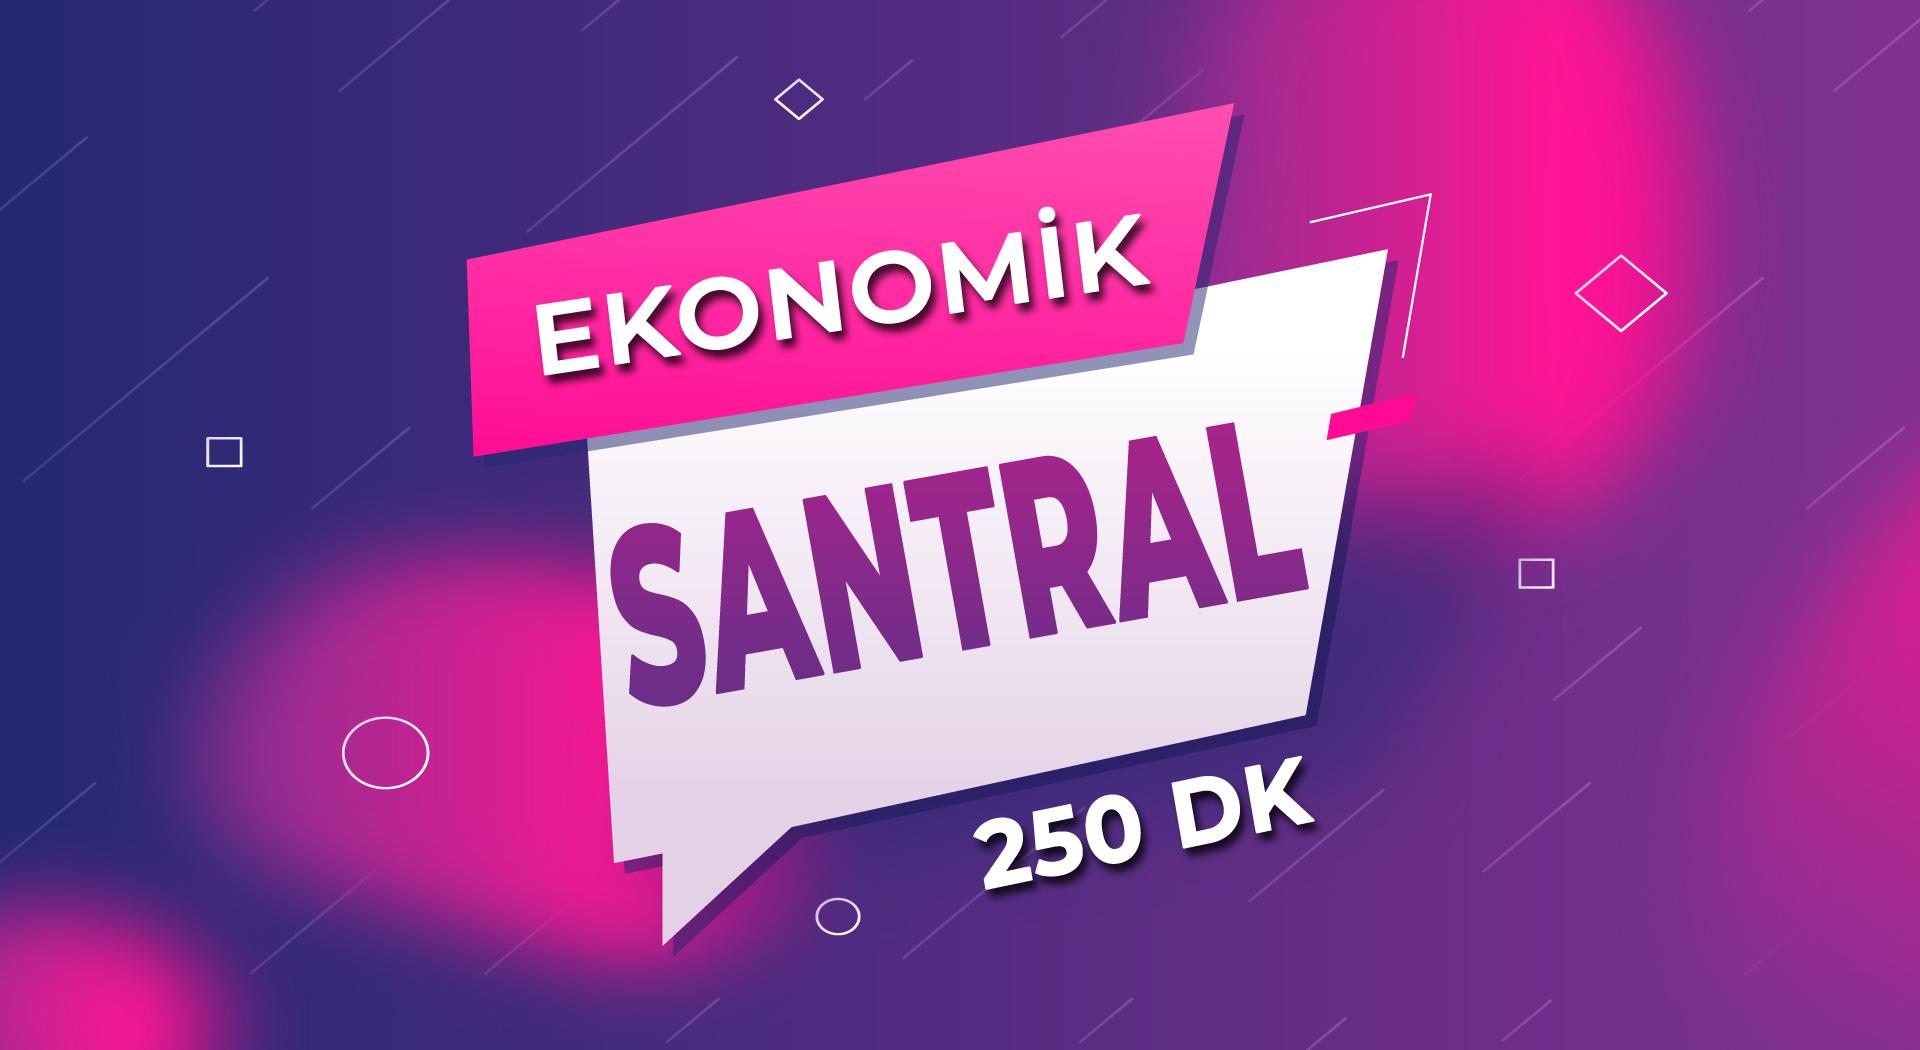 Ekonomik Santral + Her Yöne 250 DK